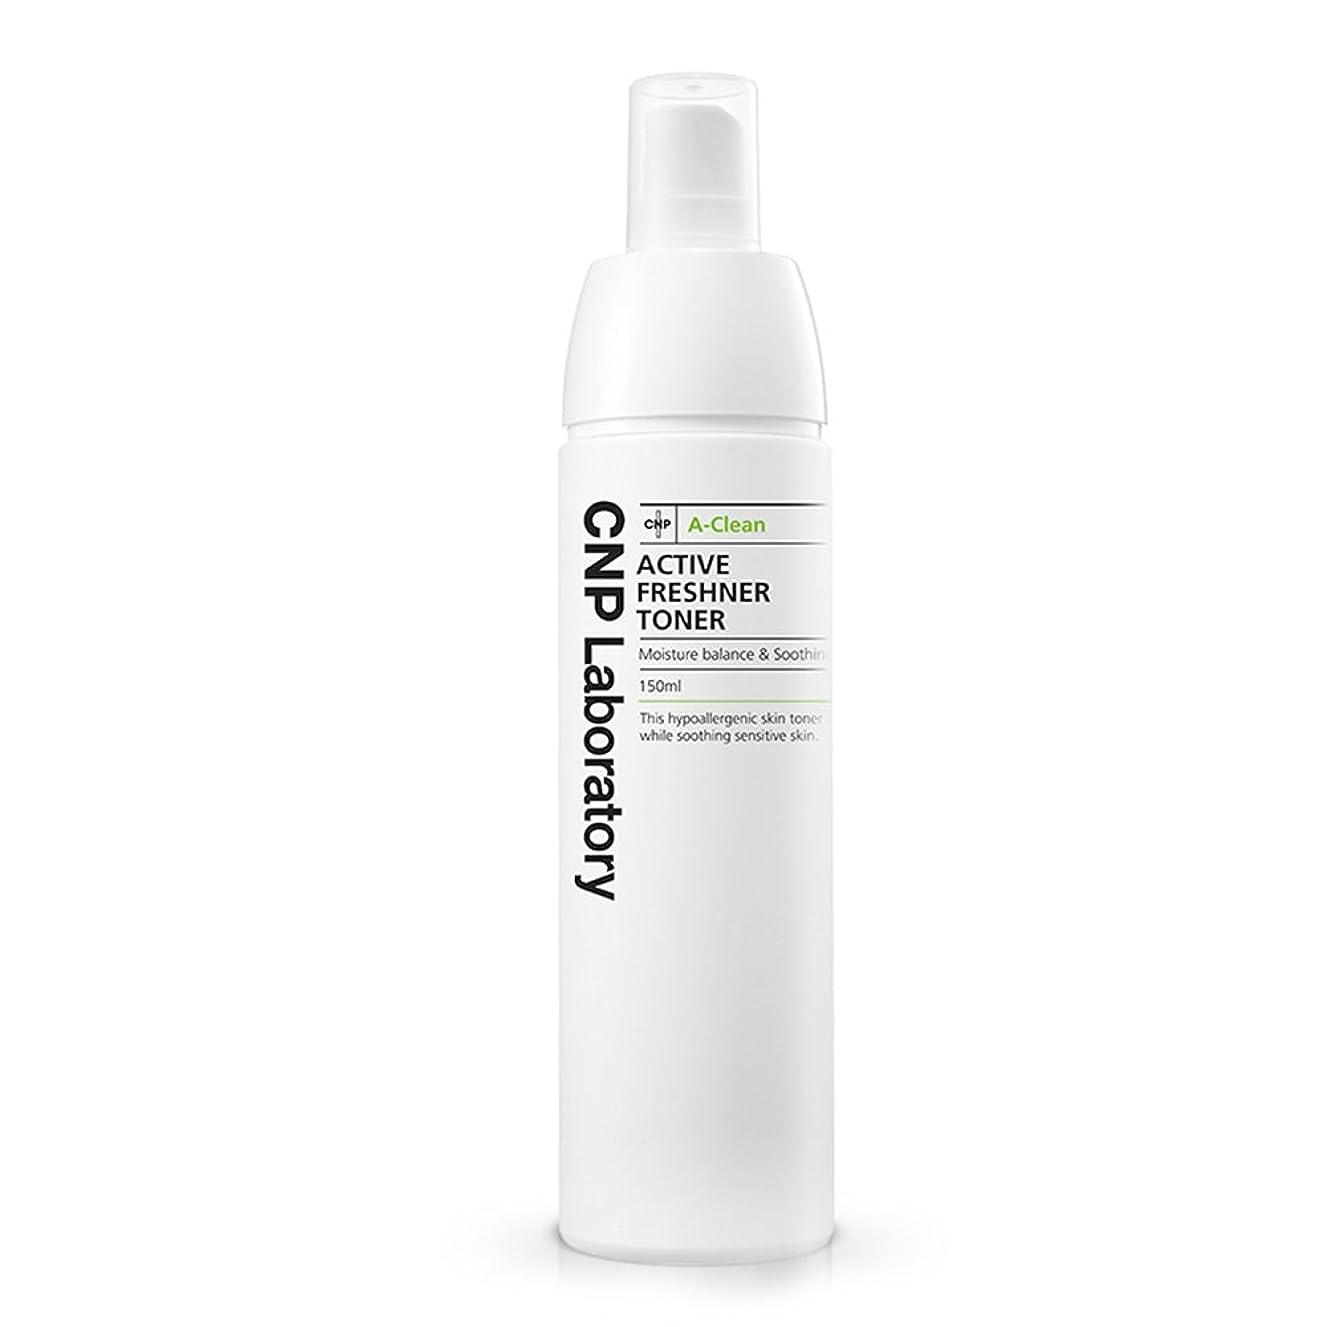 バルブスプーン勃起[差額泊/CNP]A CLEAN FRESHNER TONER /Aクリーン フレッシュナートナー 150ml【化粧水】(海外直送品)